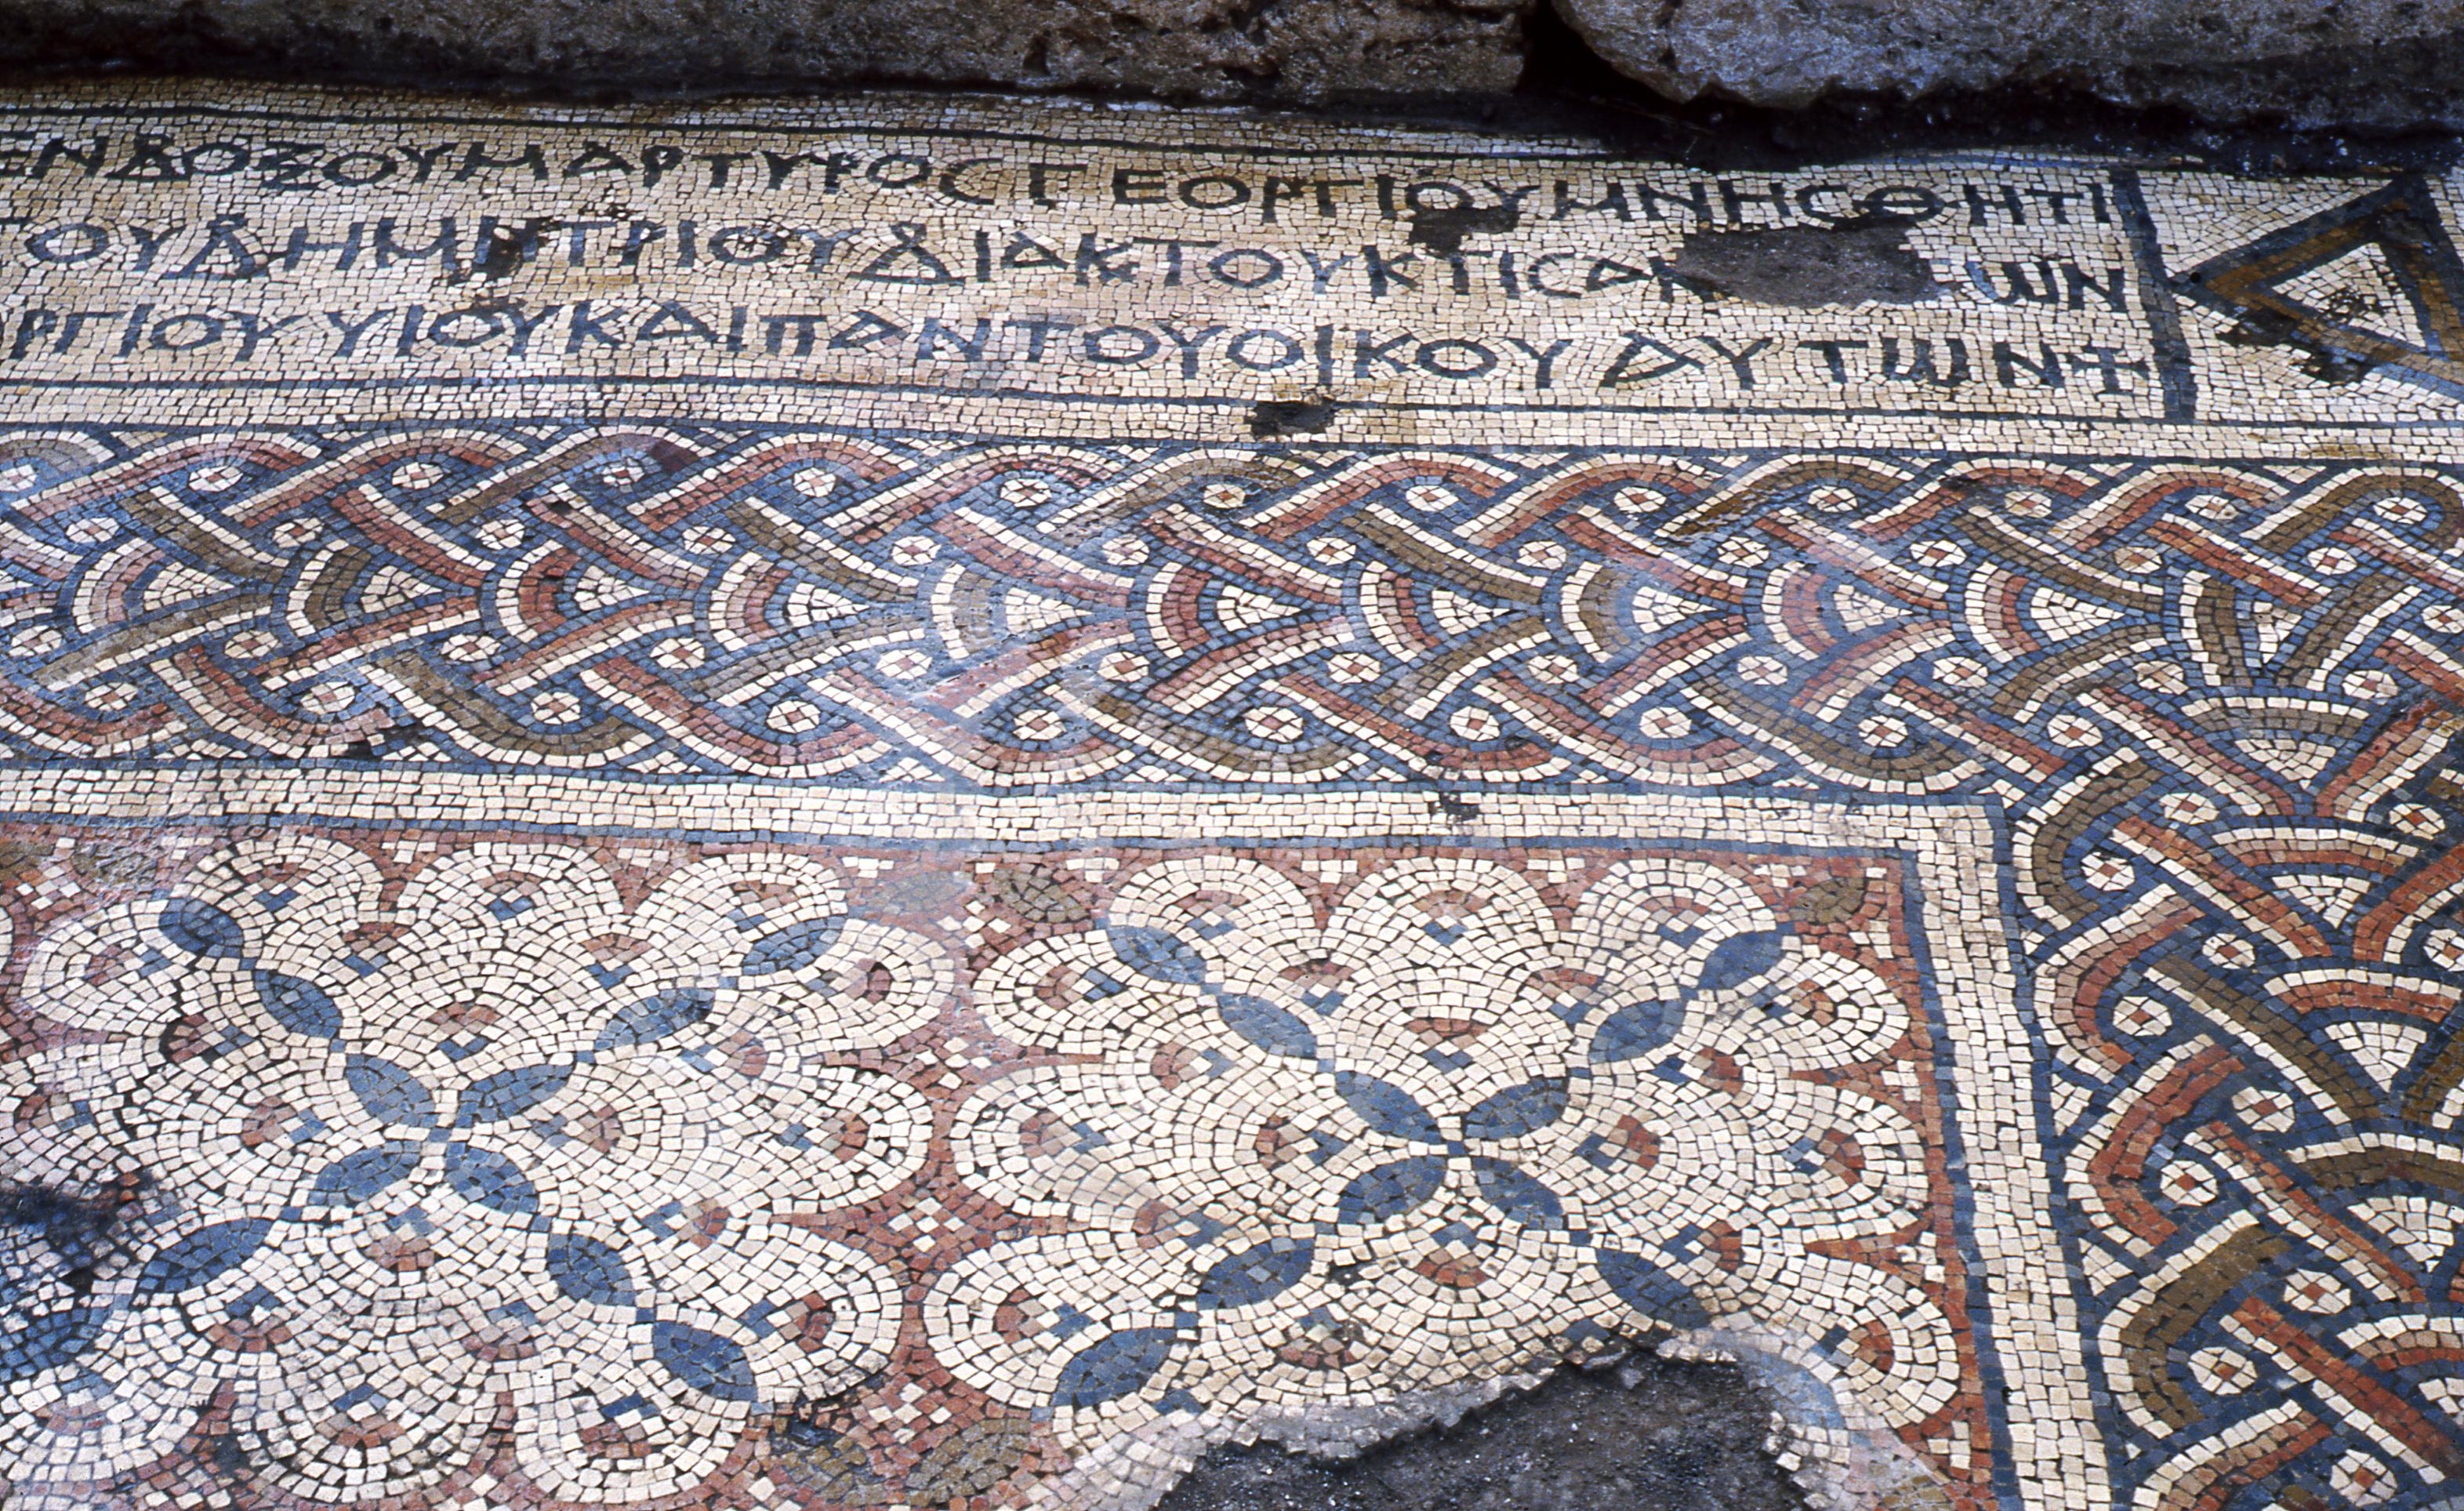 """הפסיפס בחורבת חשק, עליו נכתב: """"דמטריוס הדיאקון וגיאורגיוס בנו בנו את המקום הקדוש הזה לכבודו של גיאורגיוס הקדוש ולכבוד כל בני ביתם"""". צילום: ד""""ר מוטי אביעם, מכון כנרת לארכיאולוגיה גלילית"""